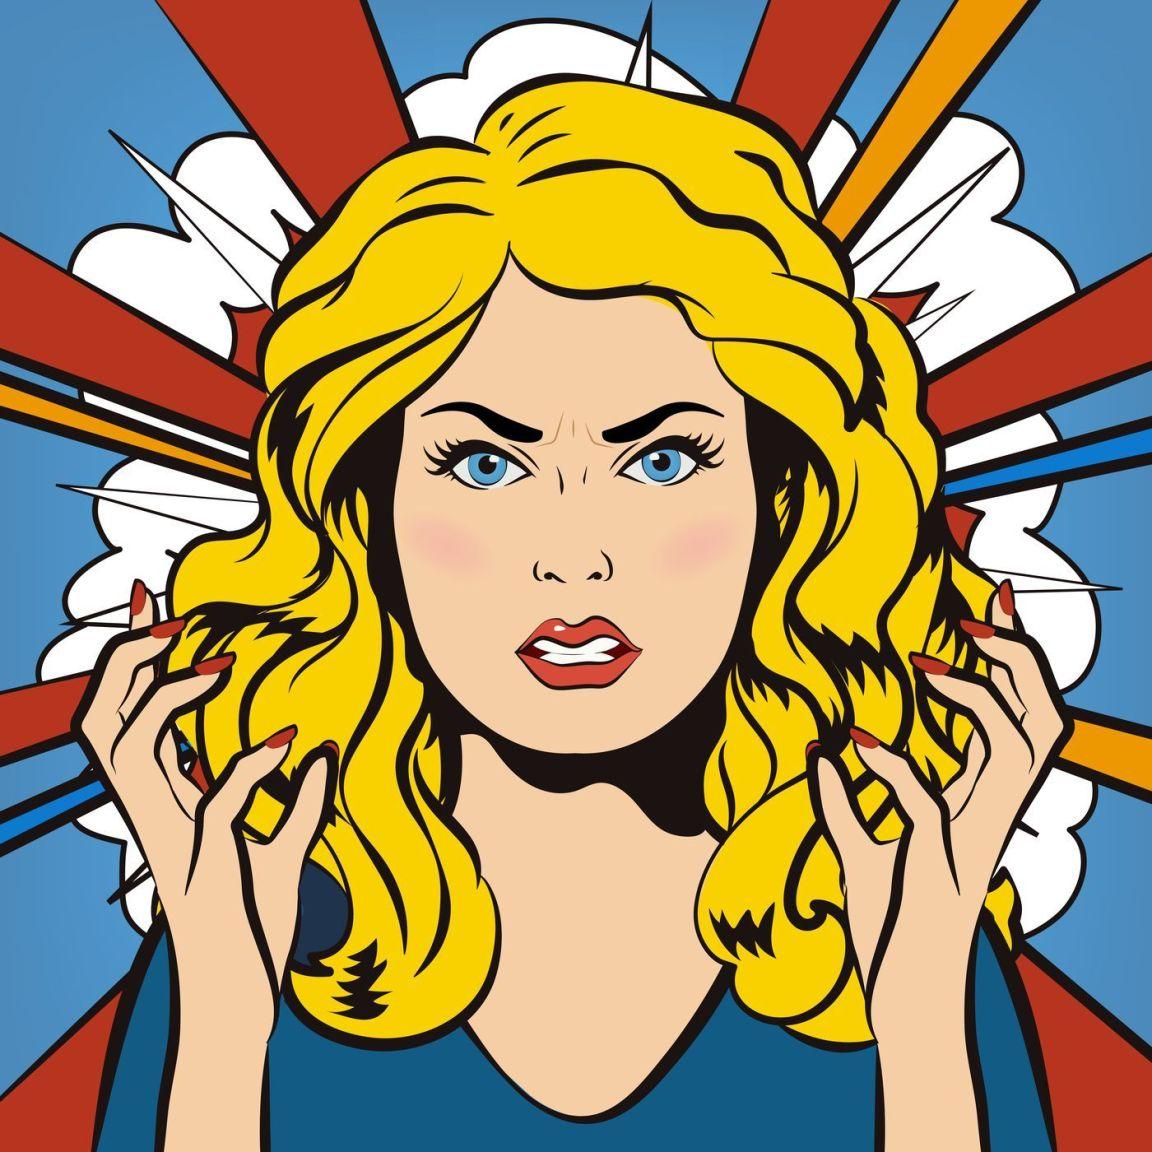 haklıyken haksız duruma düşüp sinirlenen kadın